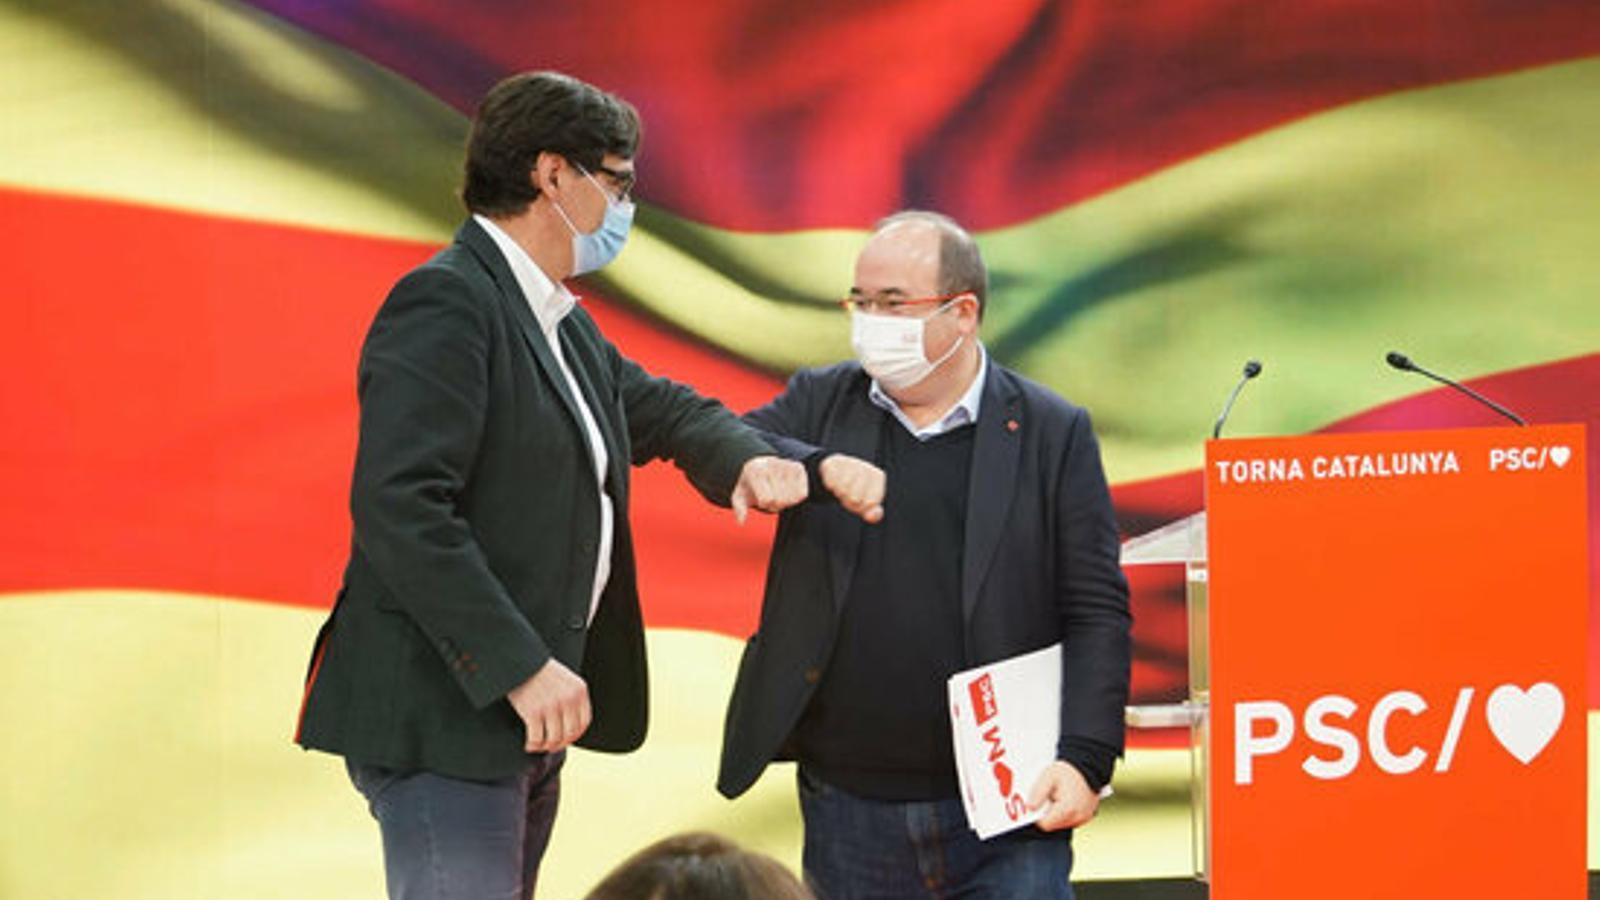 El candidat del PSC el 14-F, Salvador Illa, i el primer secretari del partit, Miquel Iceta, en un acte de precampanya